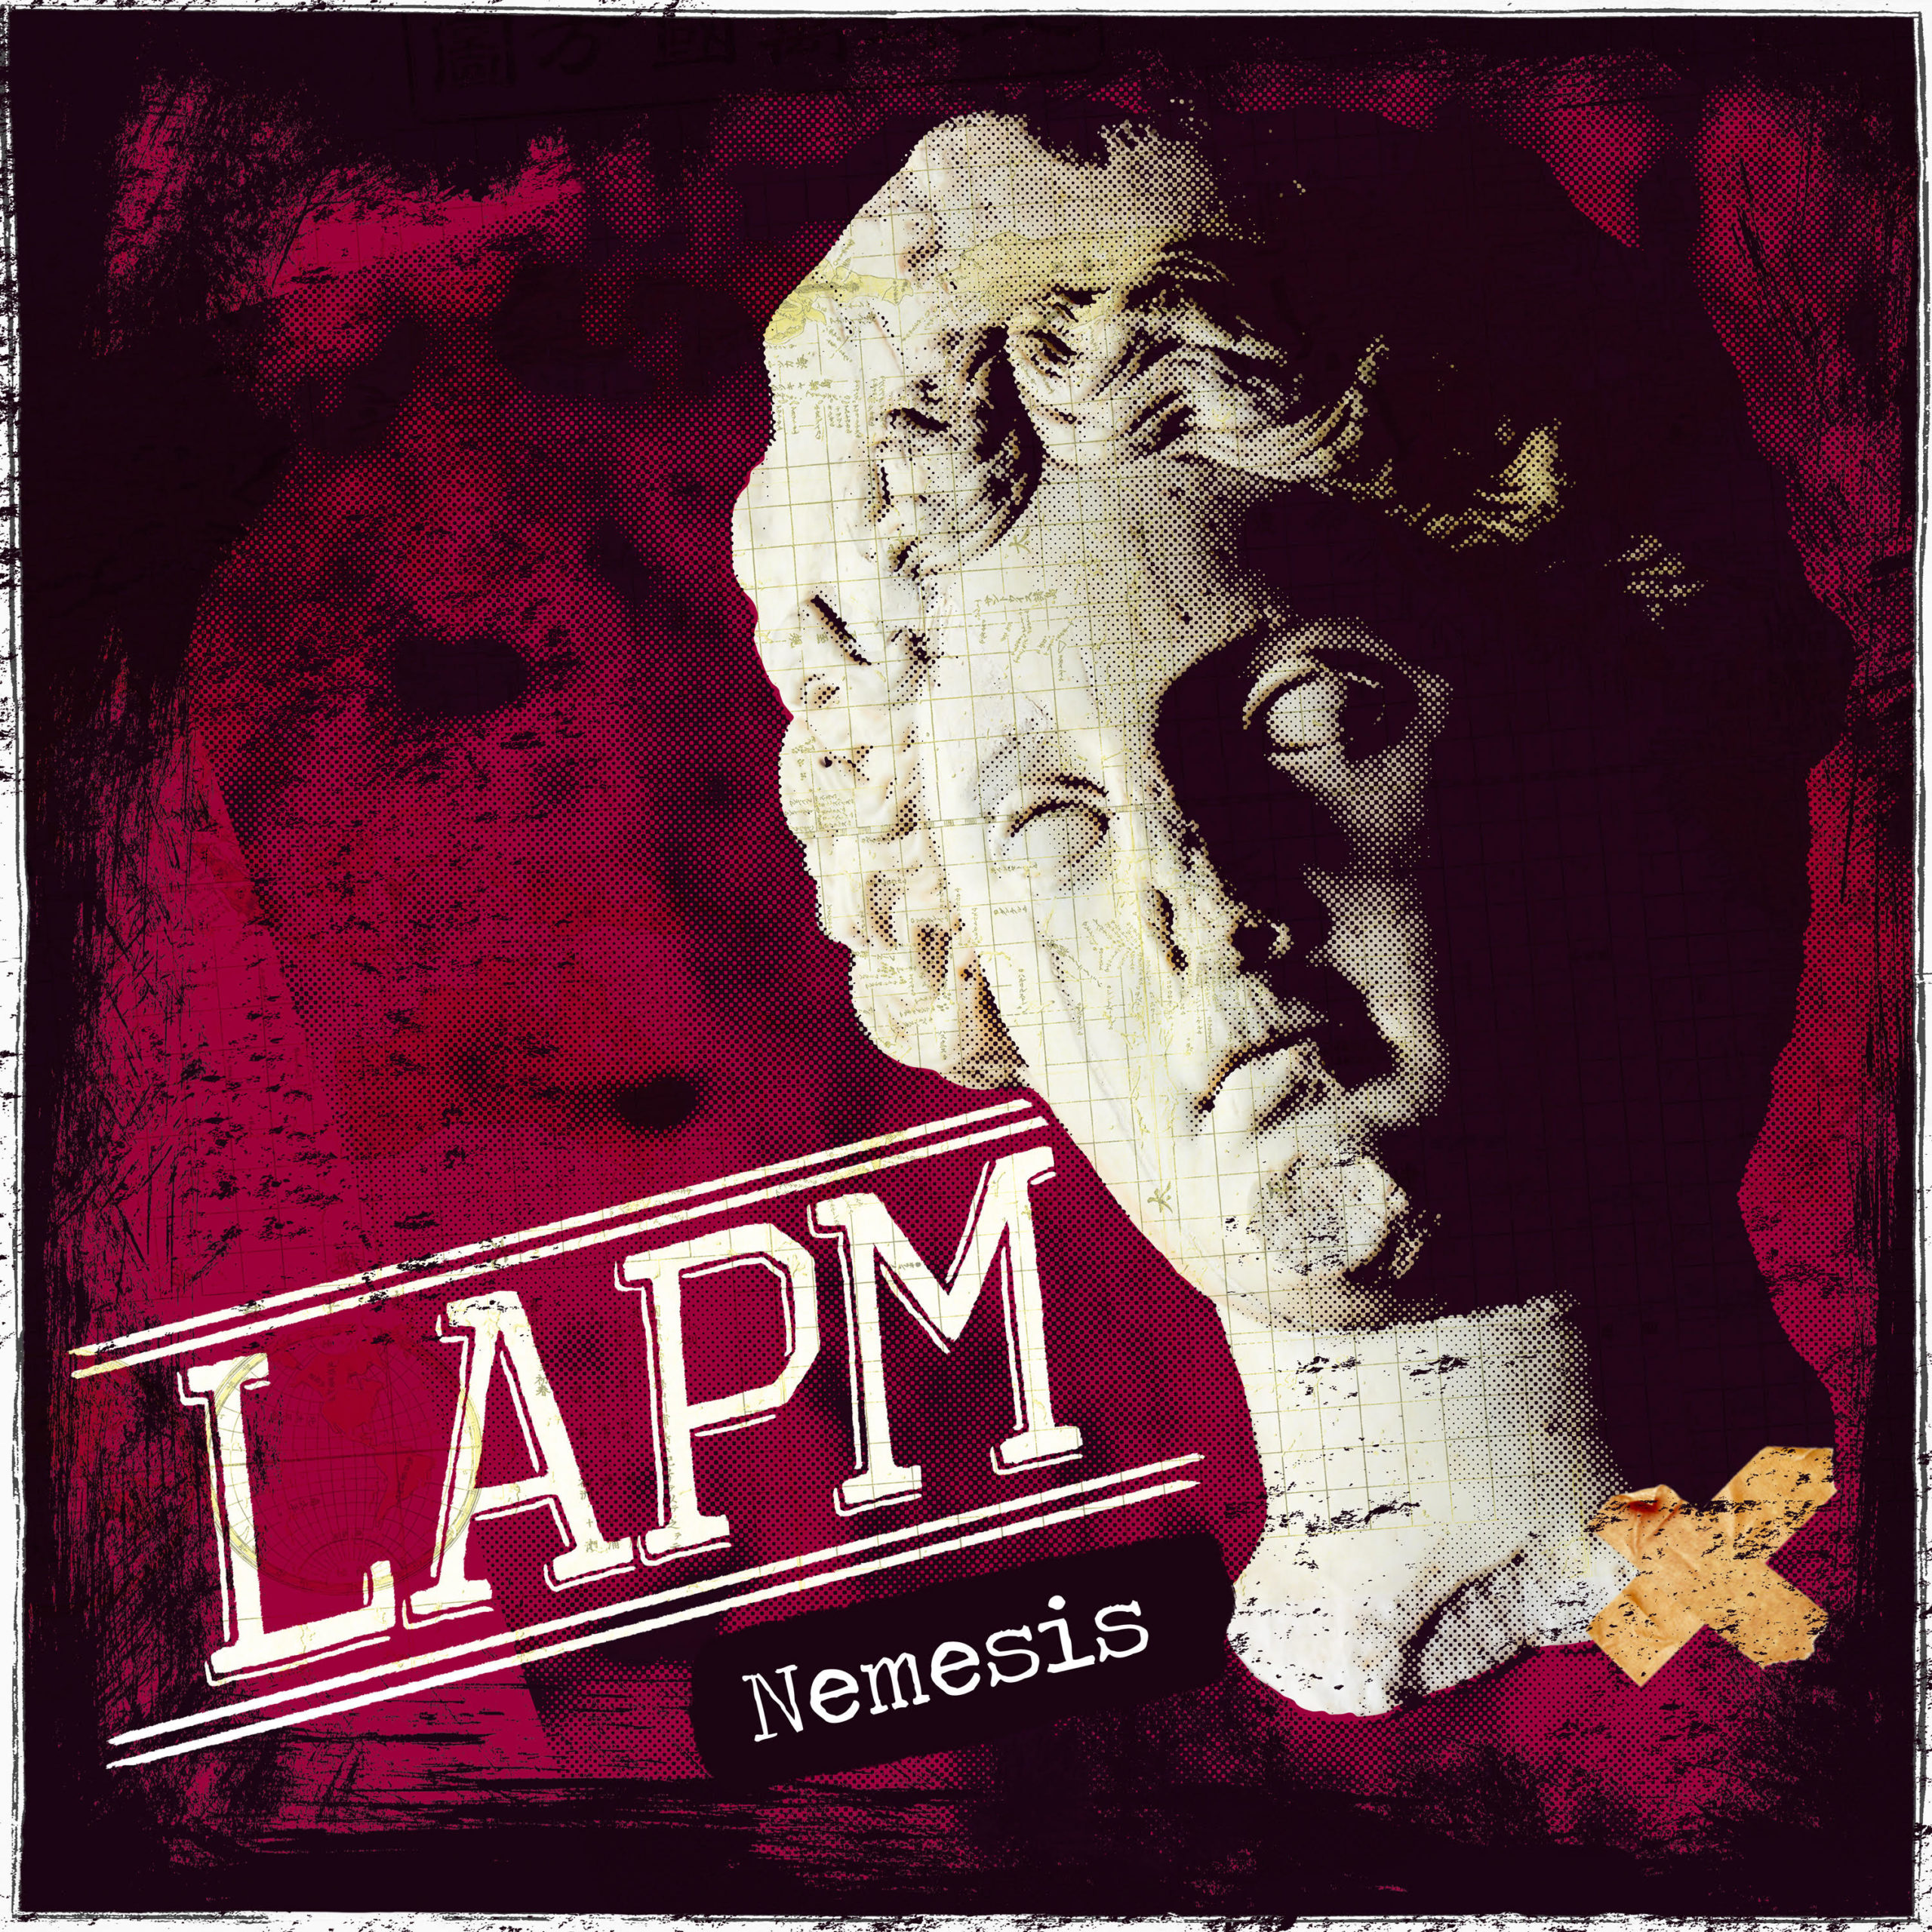 LAPM - Nemesis EP